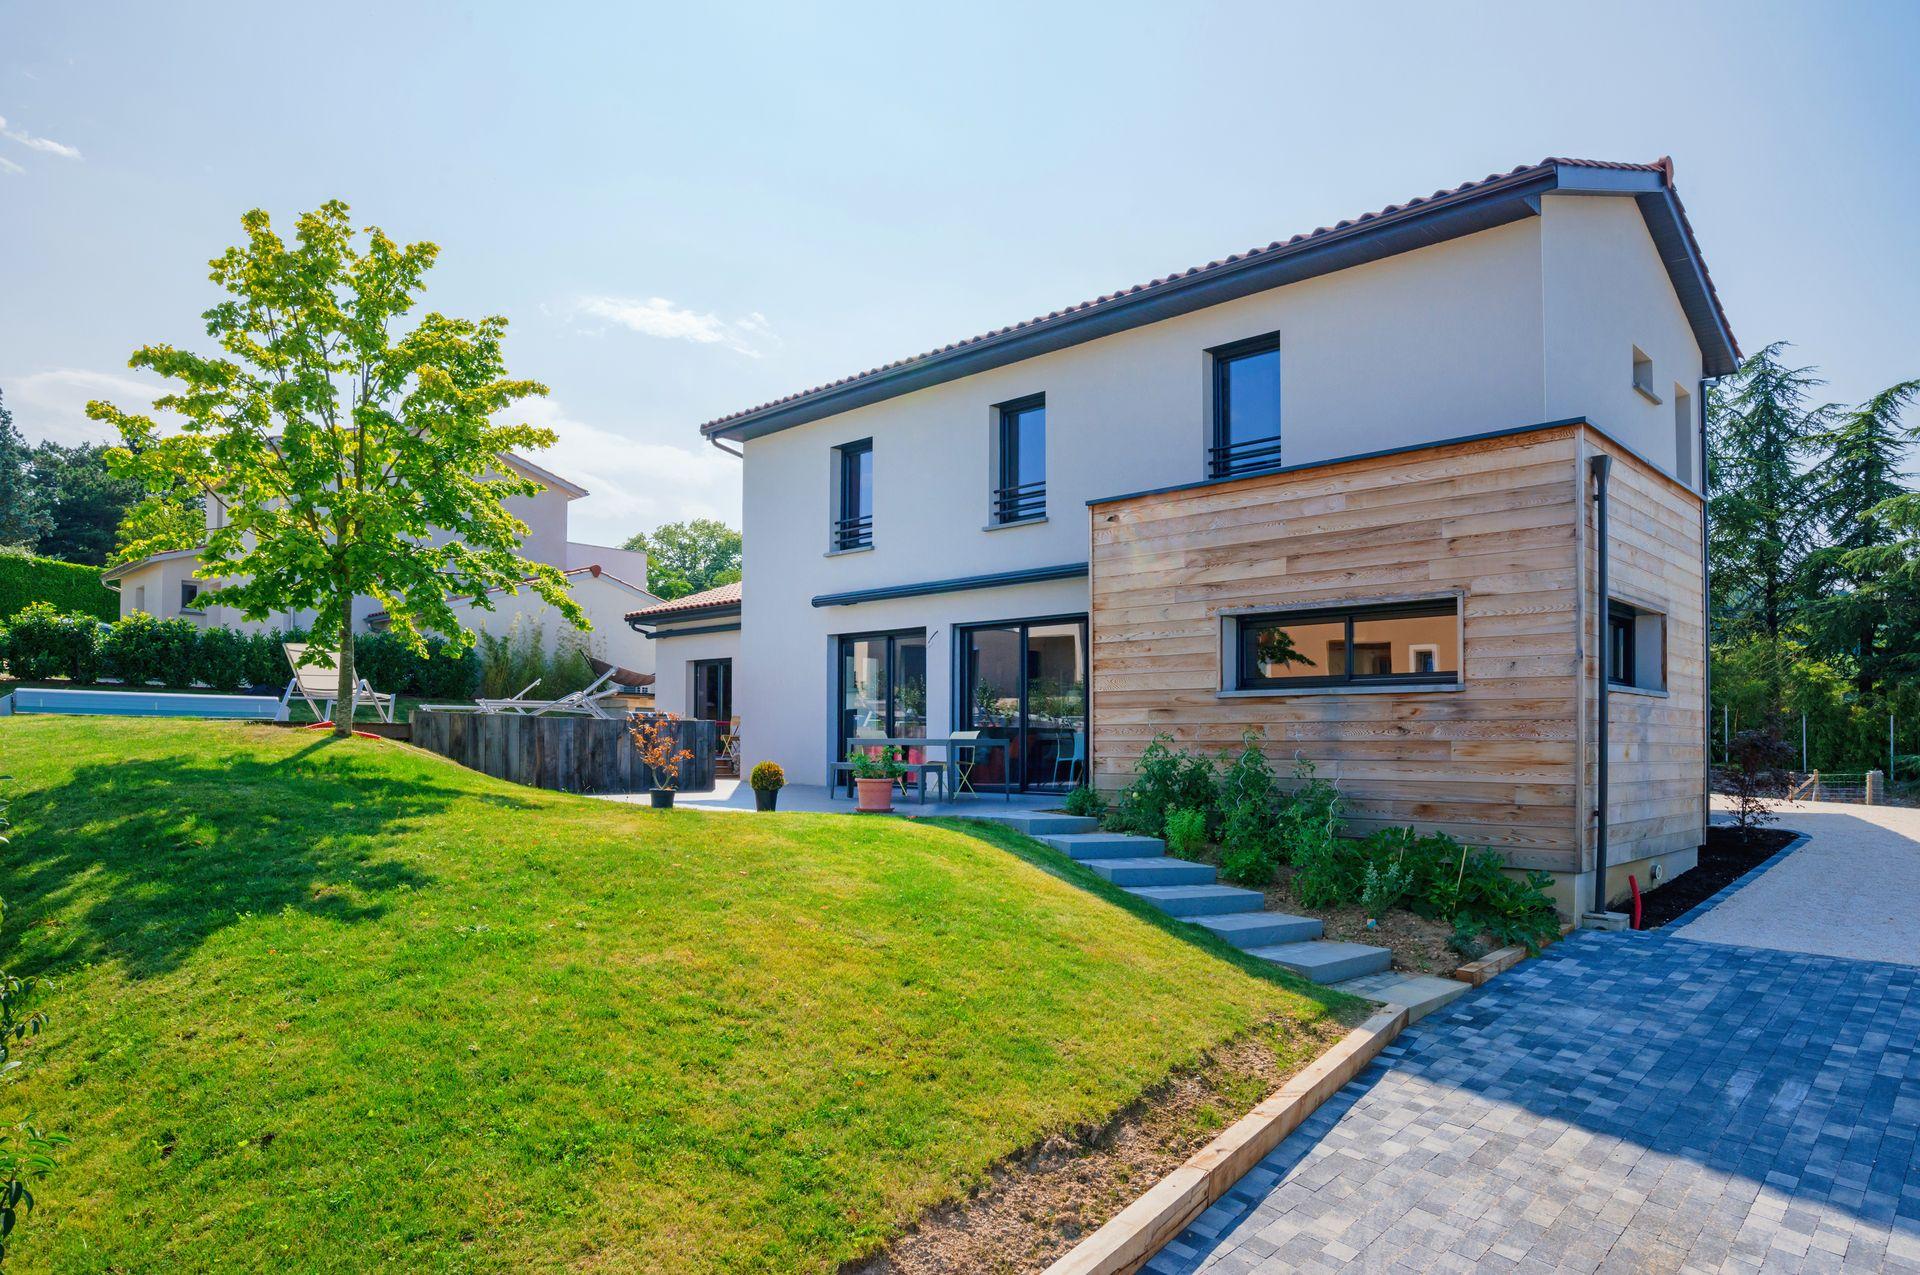 maison-bioclimatique-bois-lyon